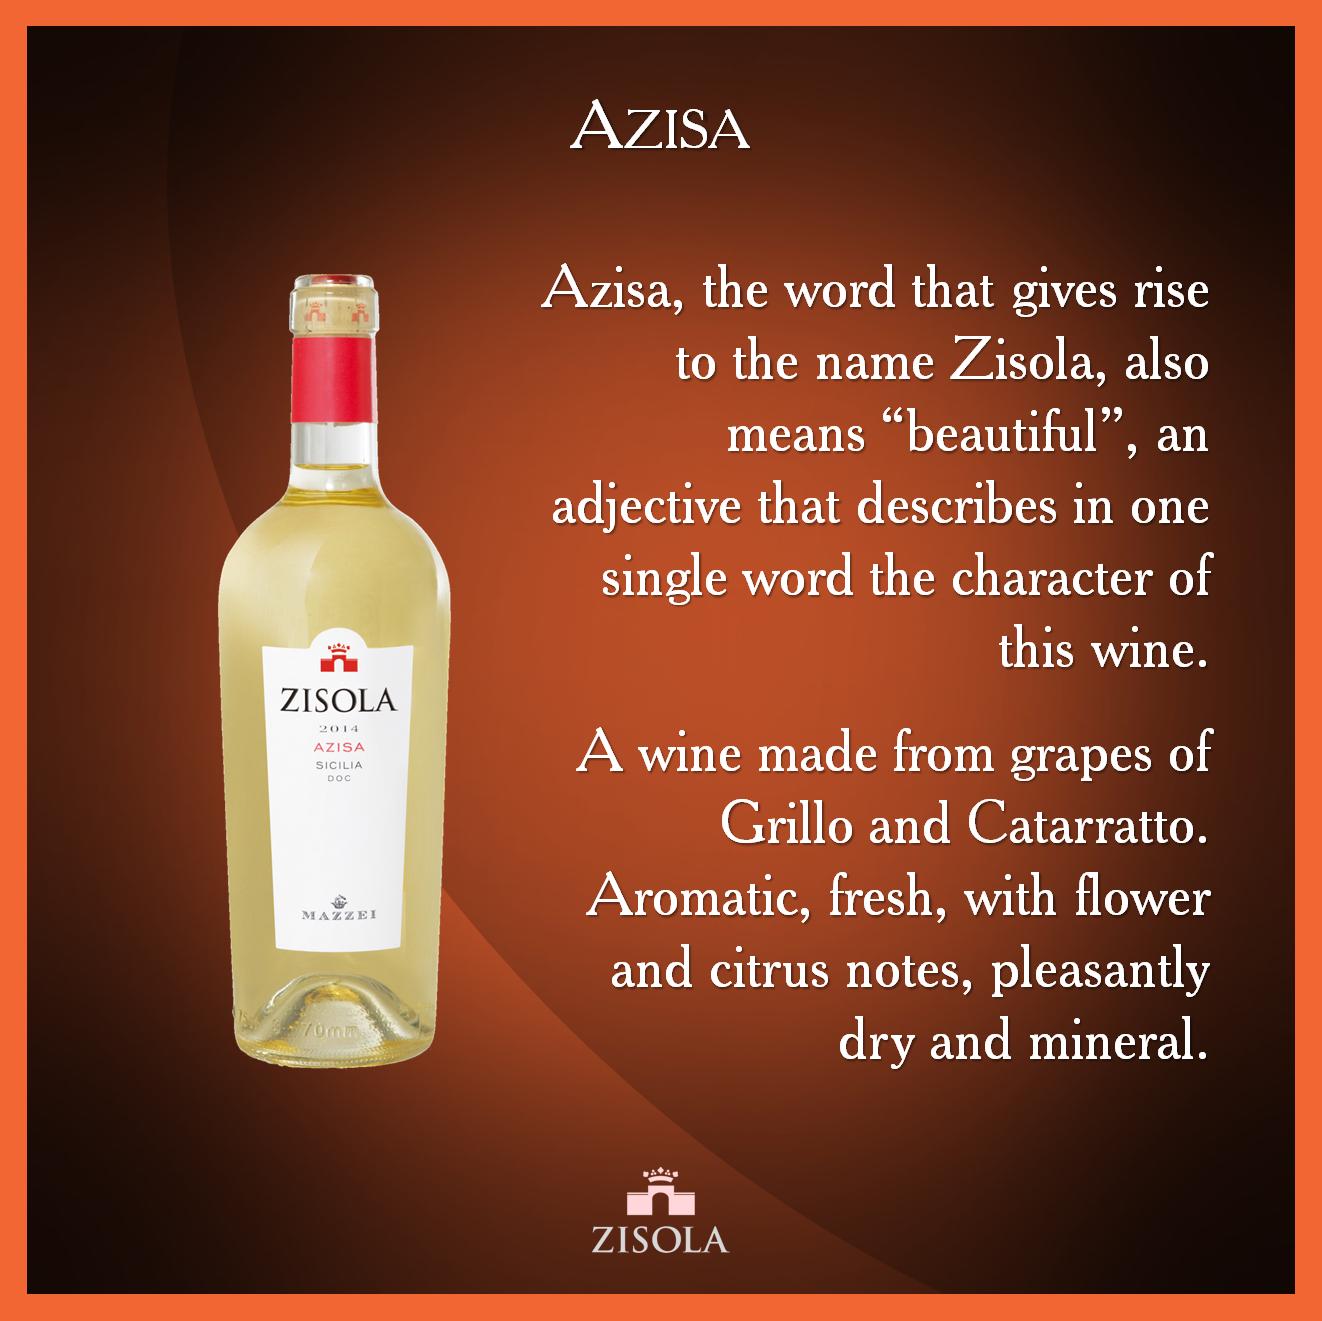 """Azisa - Sicilia D.O.C. Azisa, parola che dà origine al nome Zisola, significa anche """"splendido"""", aggettivo che descrive in una sola parola il carattere di questo vino a base di uve Grillo e Catarratto. Aromatico, fresco, con note di fiori e agrumi, piacevolmente secco e minerale. @marchesimazzei #mazzei #zisola  #tuscany #wine"""